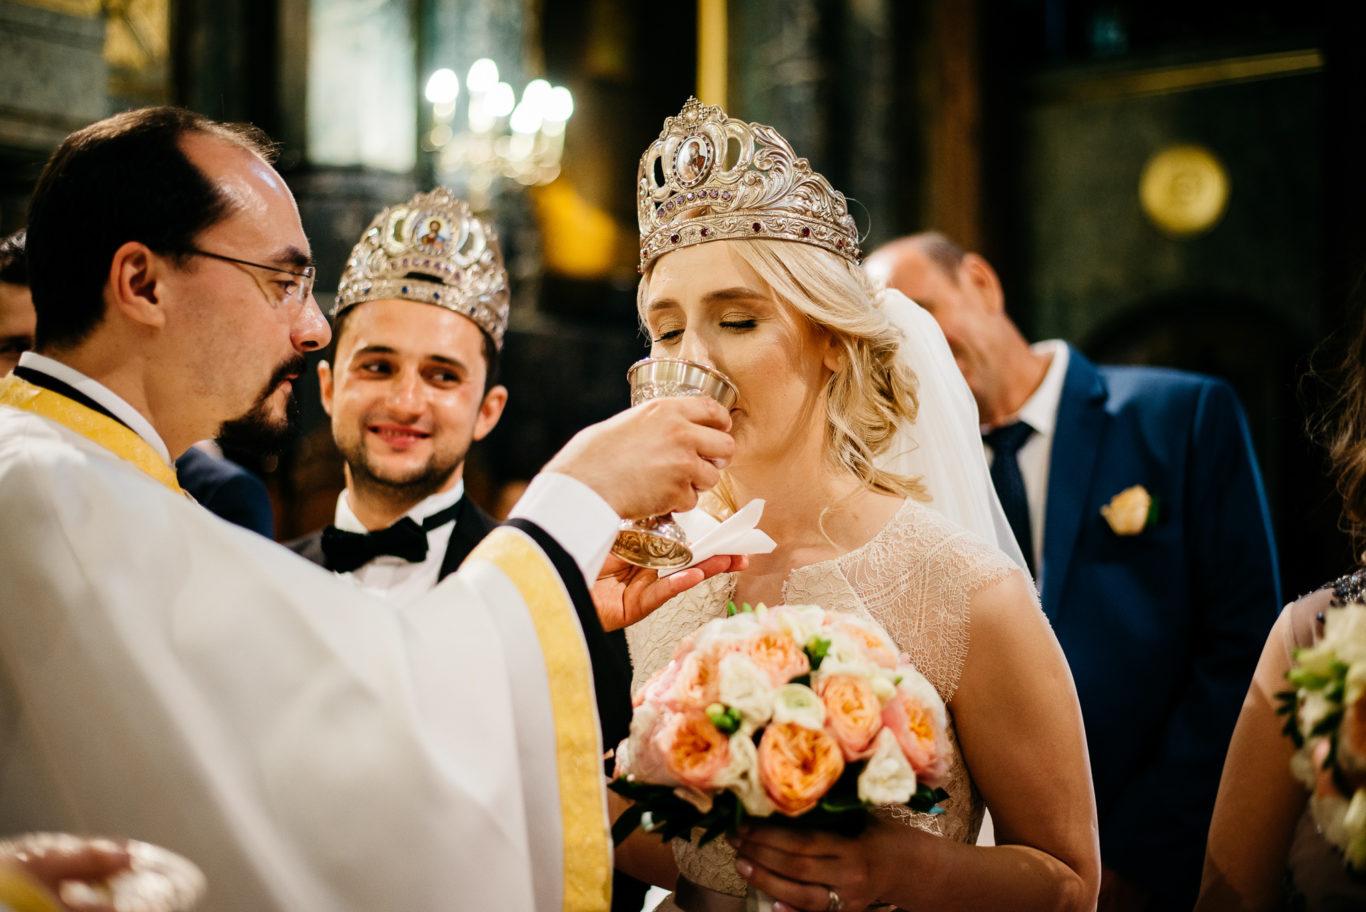 0643-Fotografie-nunta-Mirela-Iulian-fotograf-Ciprian-Dumitrescu-DSC_7172